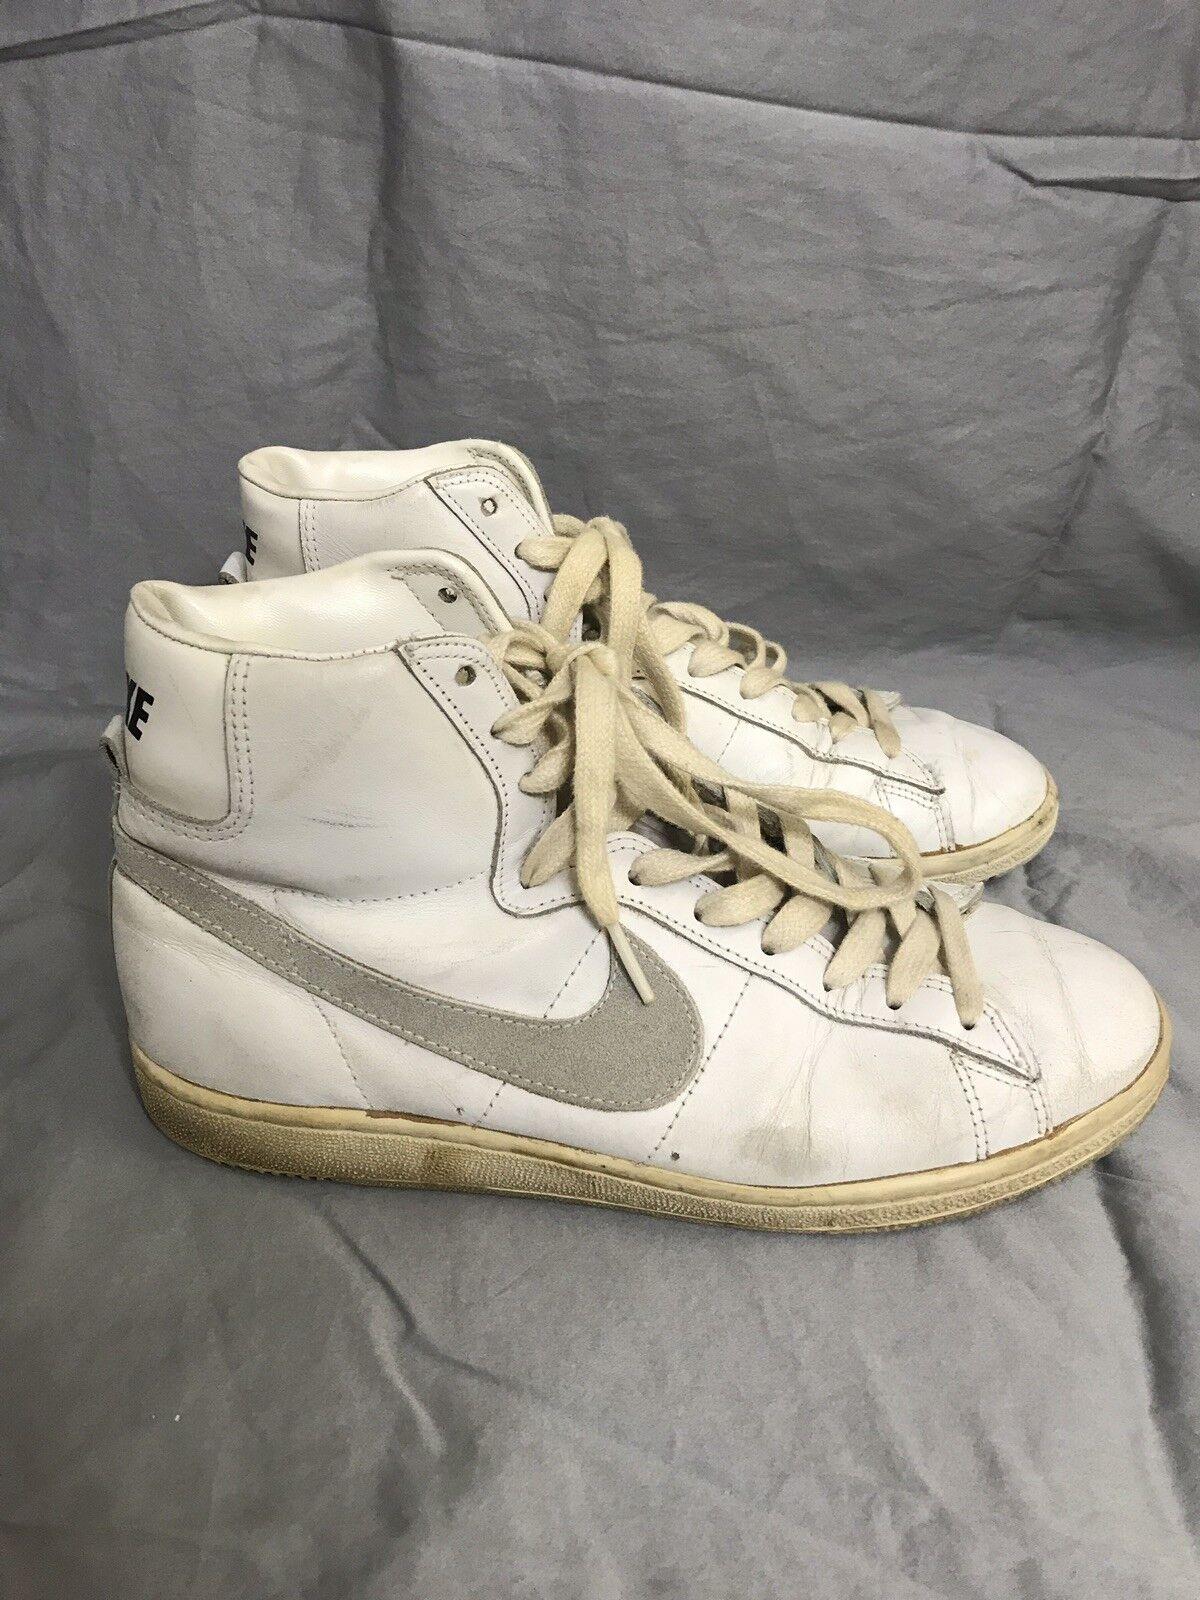 Vintage - - 80 - Vintage nike basketballschuhe basketball - schuhe, jacken,  1985 - 4e42391128